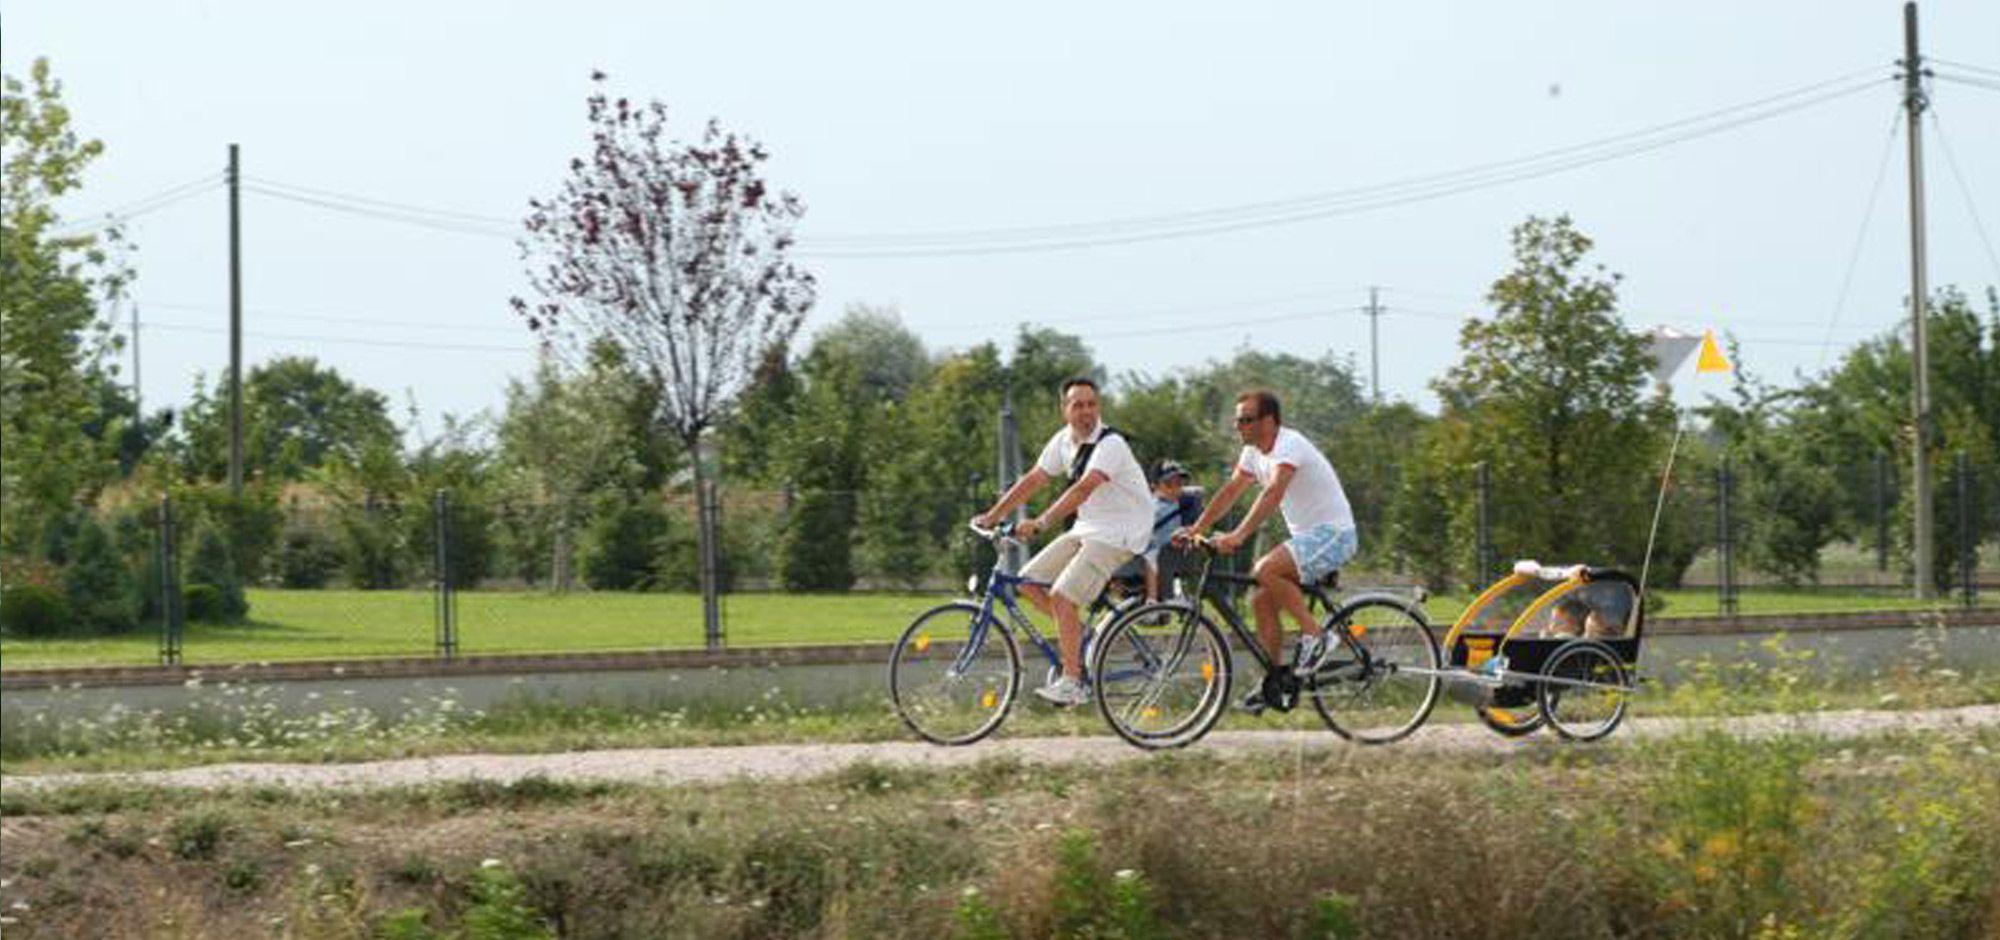 it:Ciclopedonale fr:Cyclable en:Cycle path de:Fahrradweg